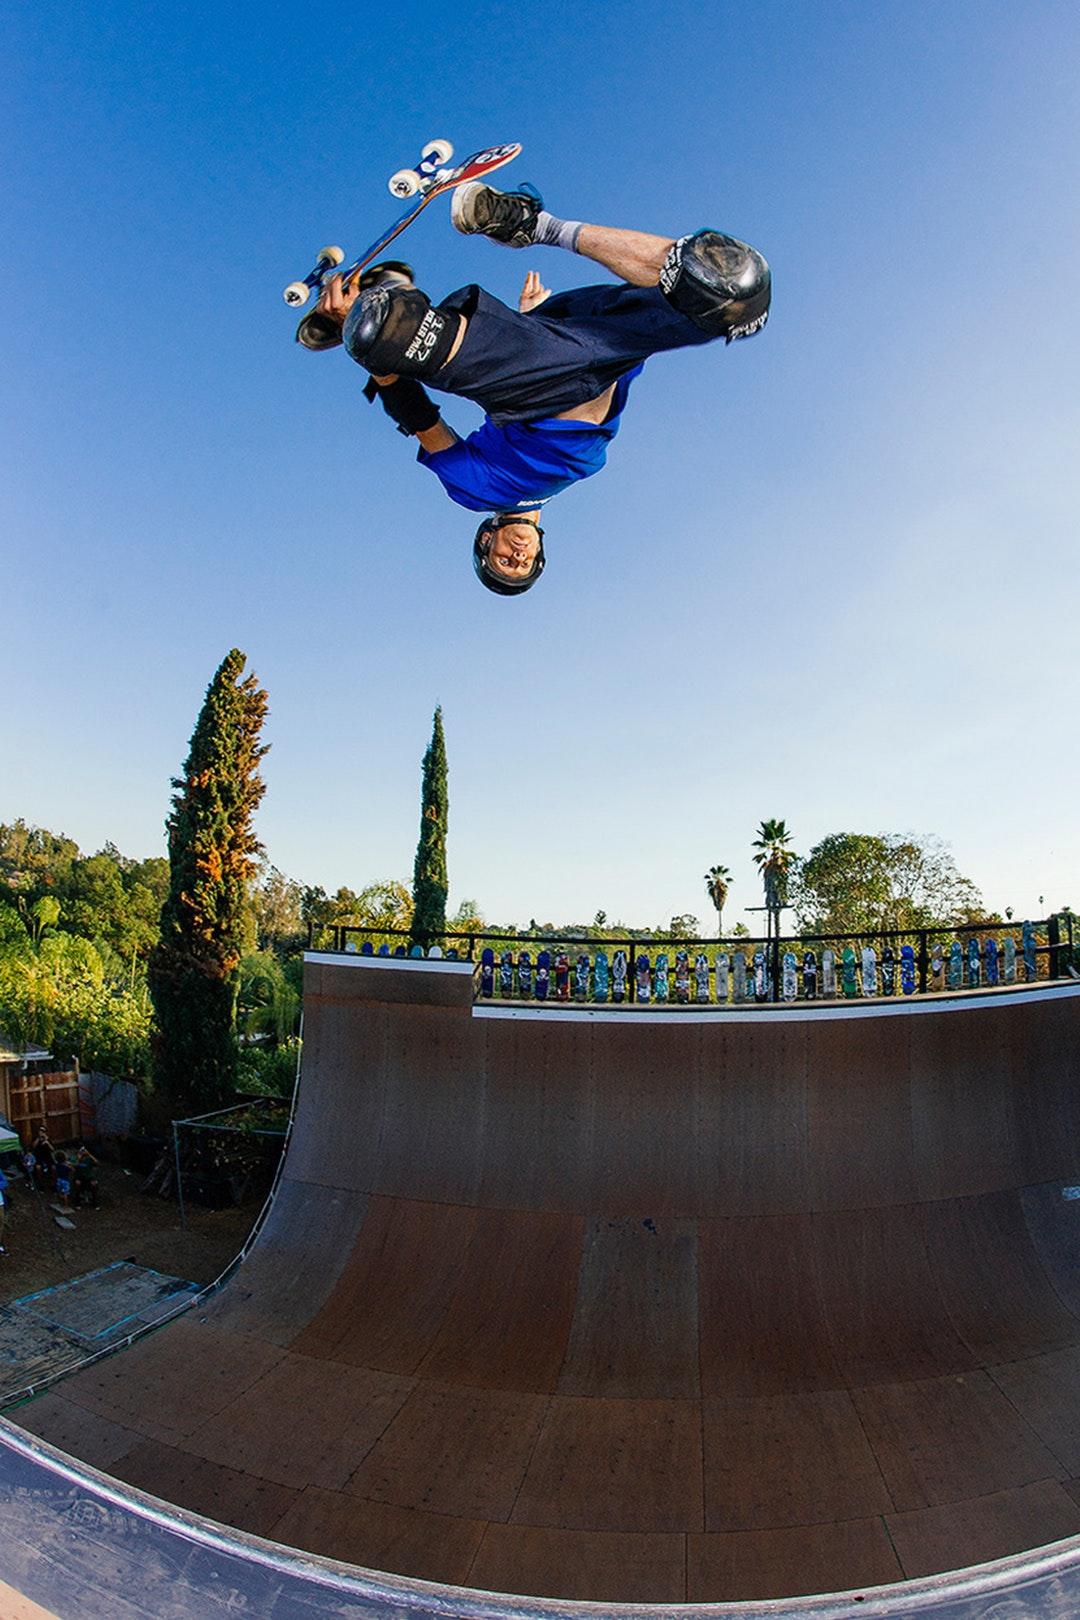 Tony Hawk vertical